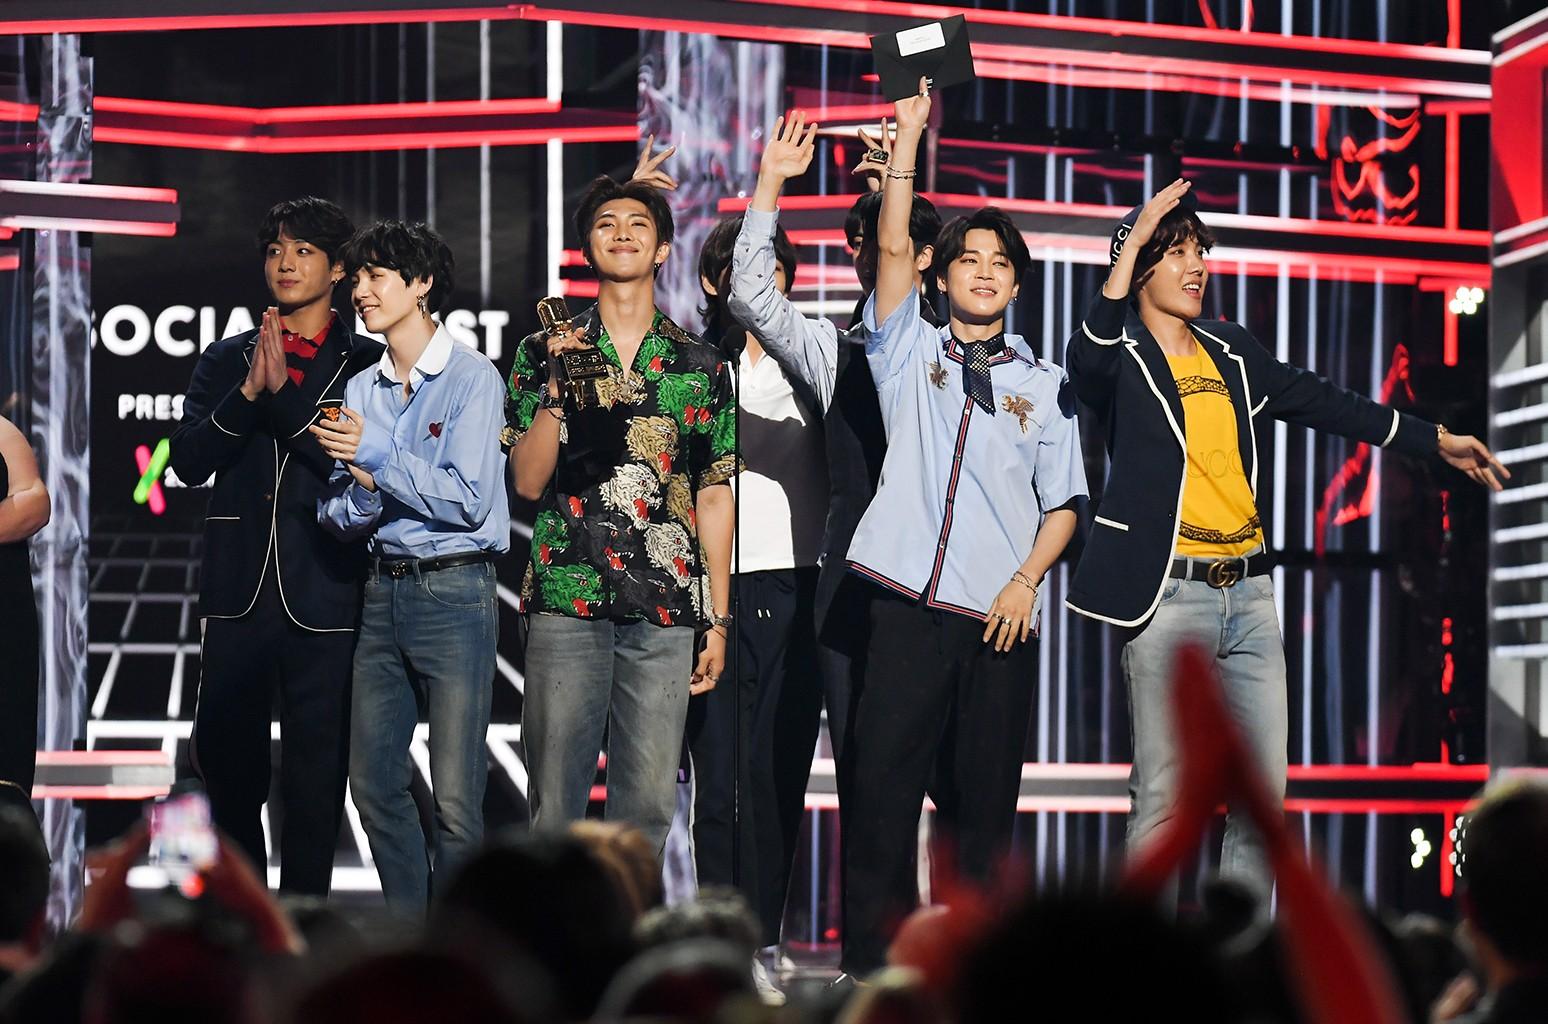 Acara Event Hari Kaset Musik Dunia di USA yang Pernah Melibatkan Boyband Ternama Korea, BTS